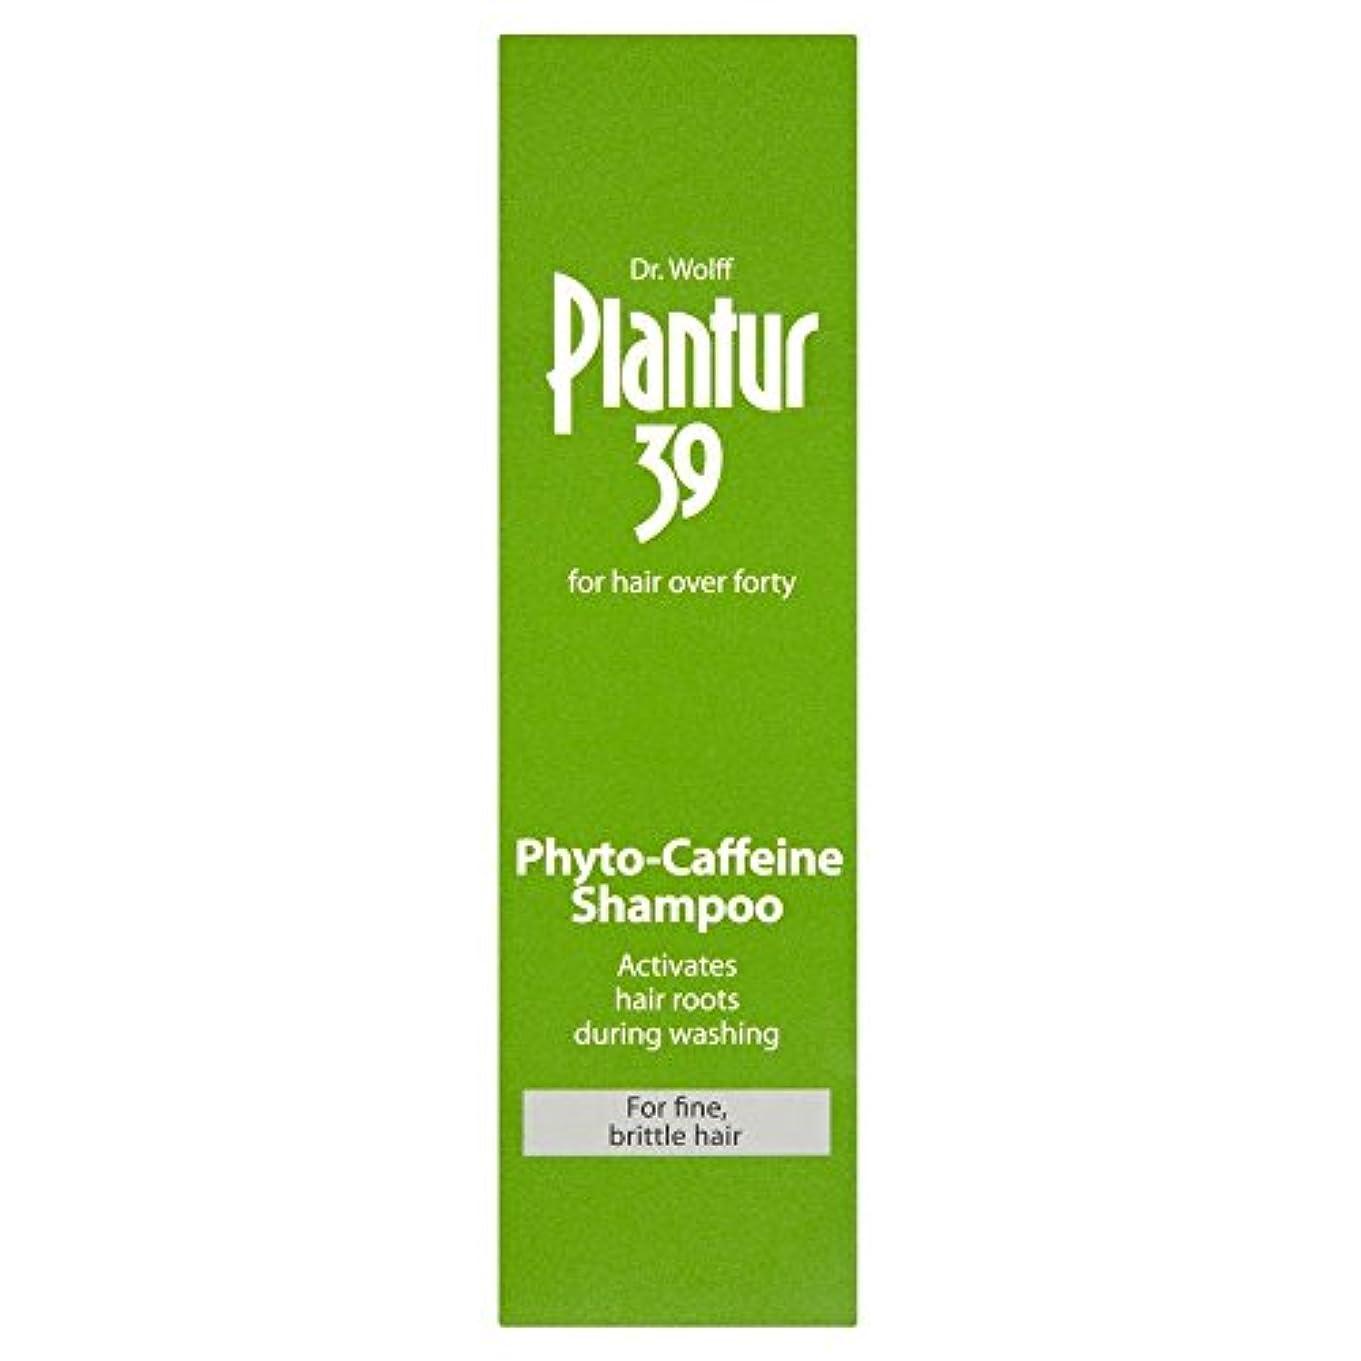 アルネ優勢ボクシングPlantur 39 Phyto Caffeine Shampoo for Coloured & Stressed Hair (250ml) 色や髪を強調した( 250ミリリットル)のための39フィトのカフェインシャンプー...